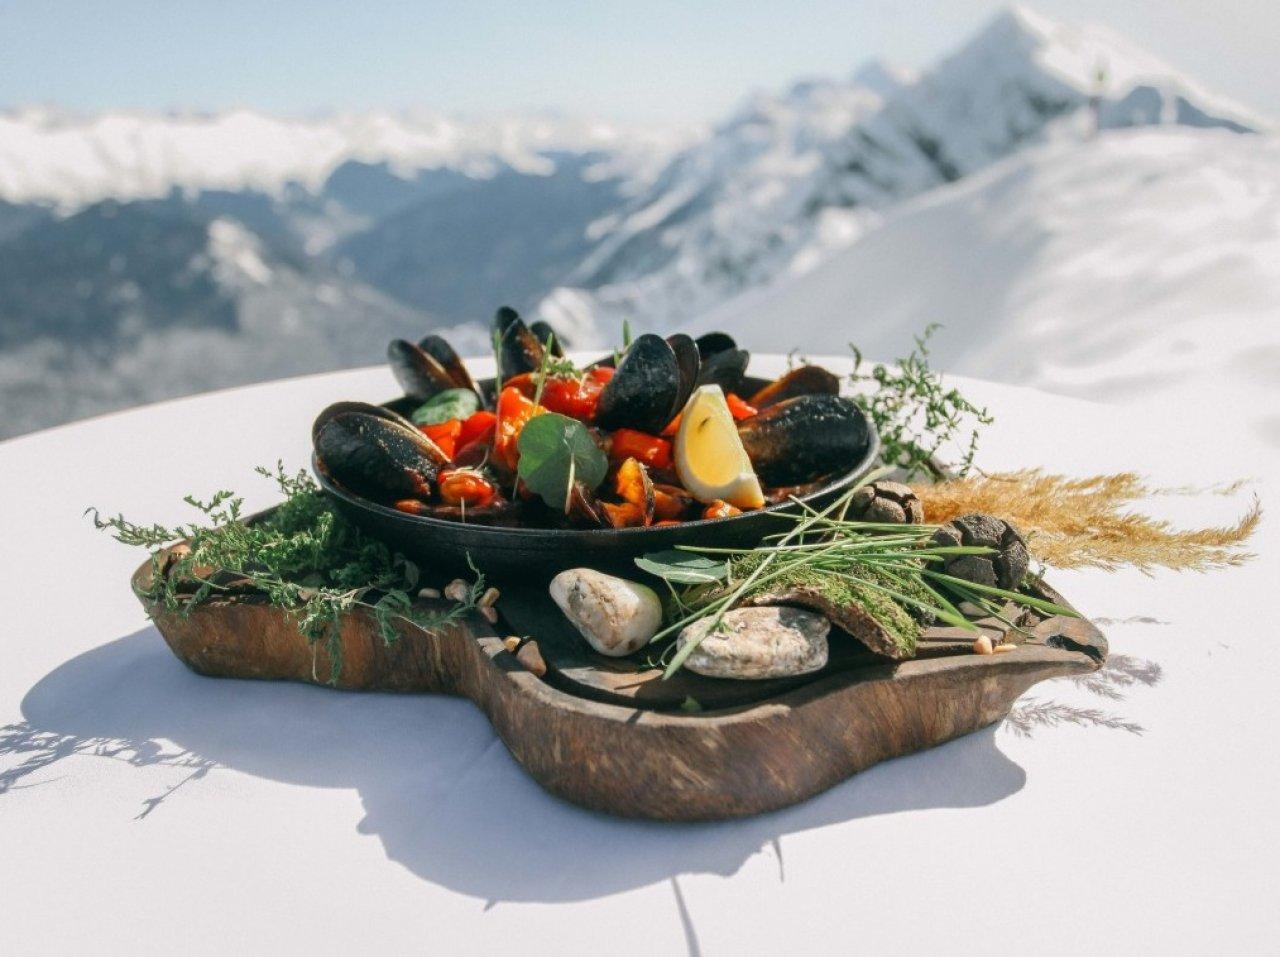 Черноморские мидии с овощами в ресторане «Высота 2320» в Сочи